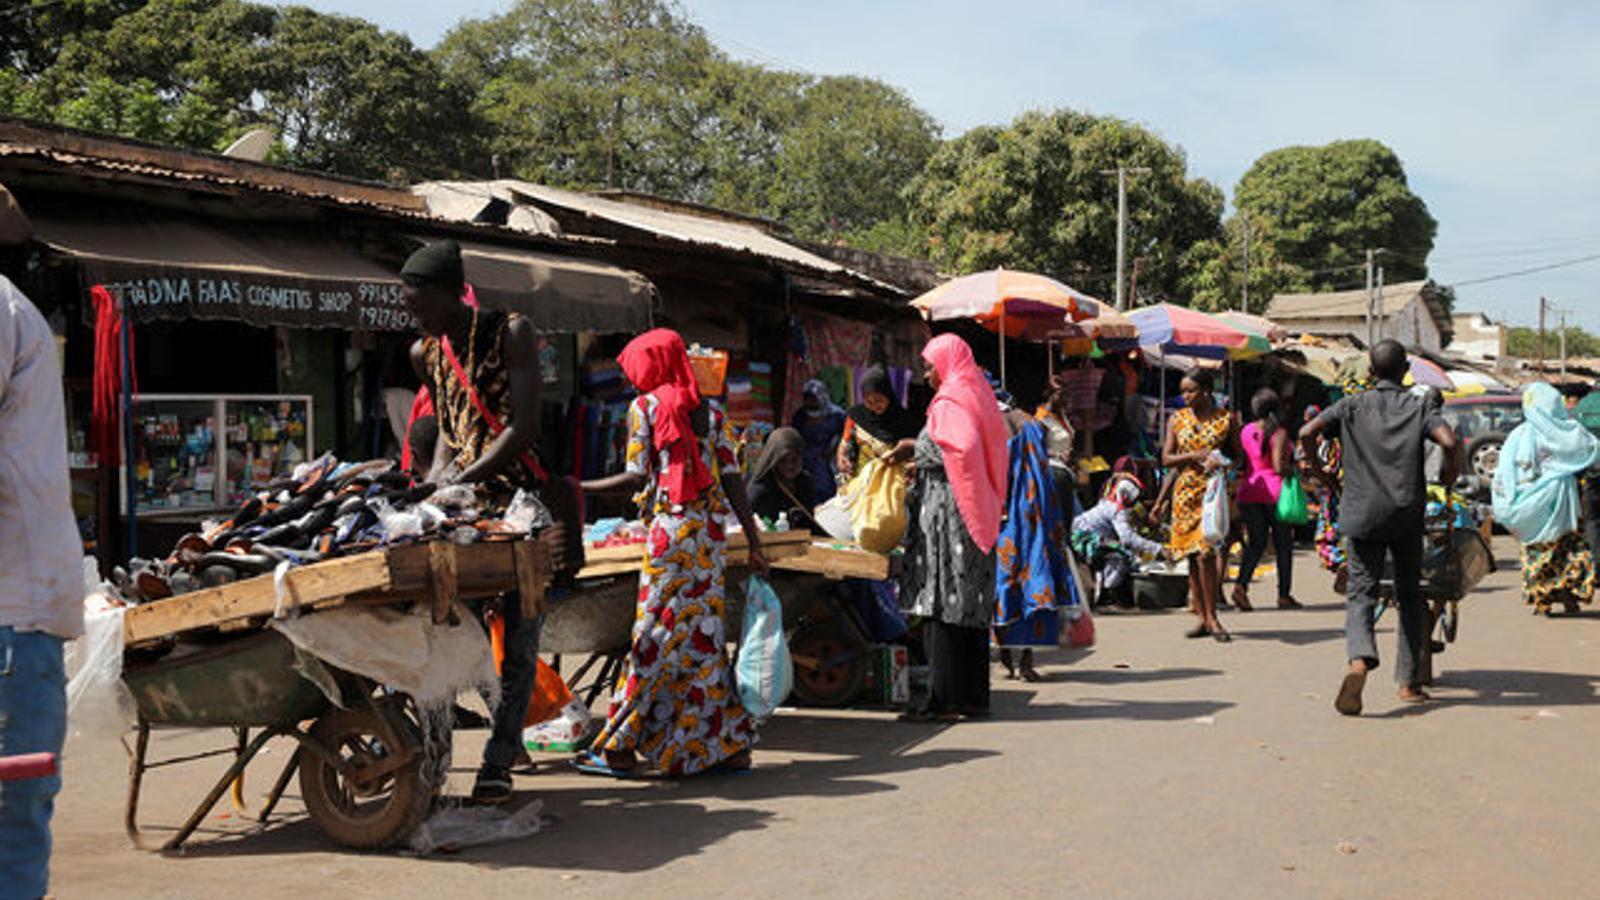 Venedors i compradors en una estampa típica d'un mercat,  a Bajul.